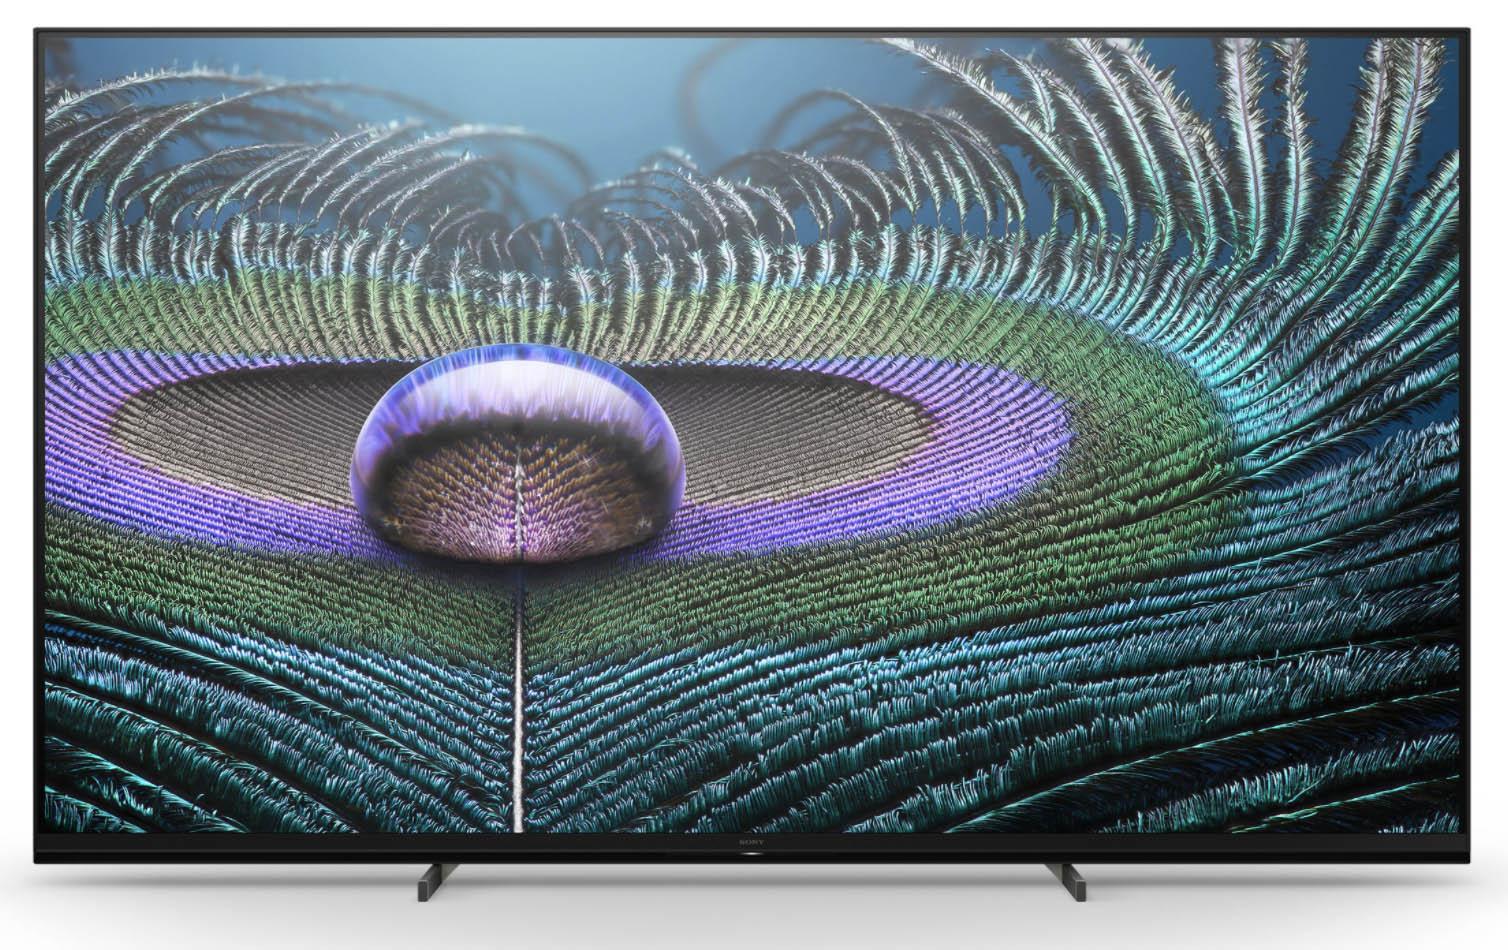 Sony Bravia Smart TV 2021